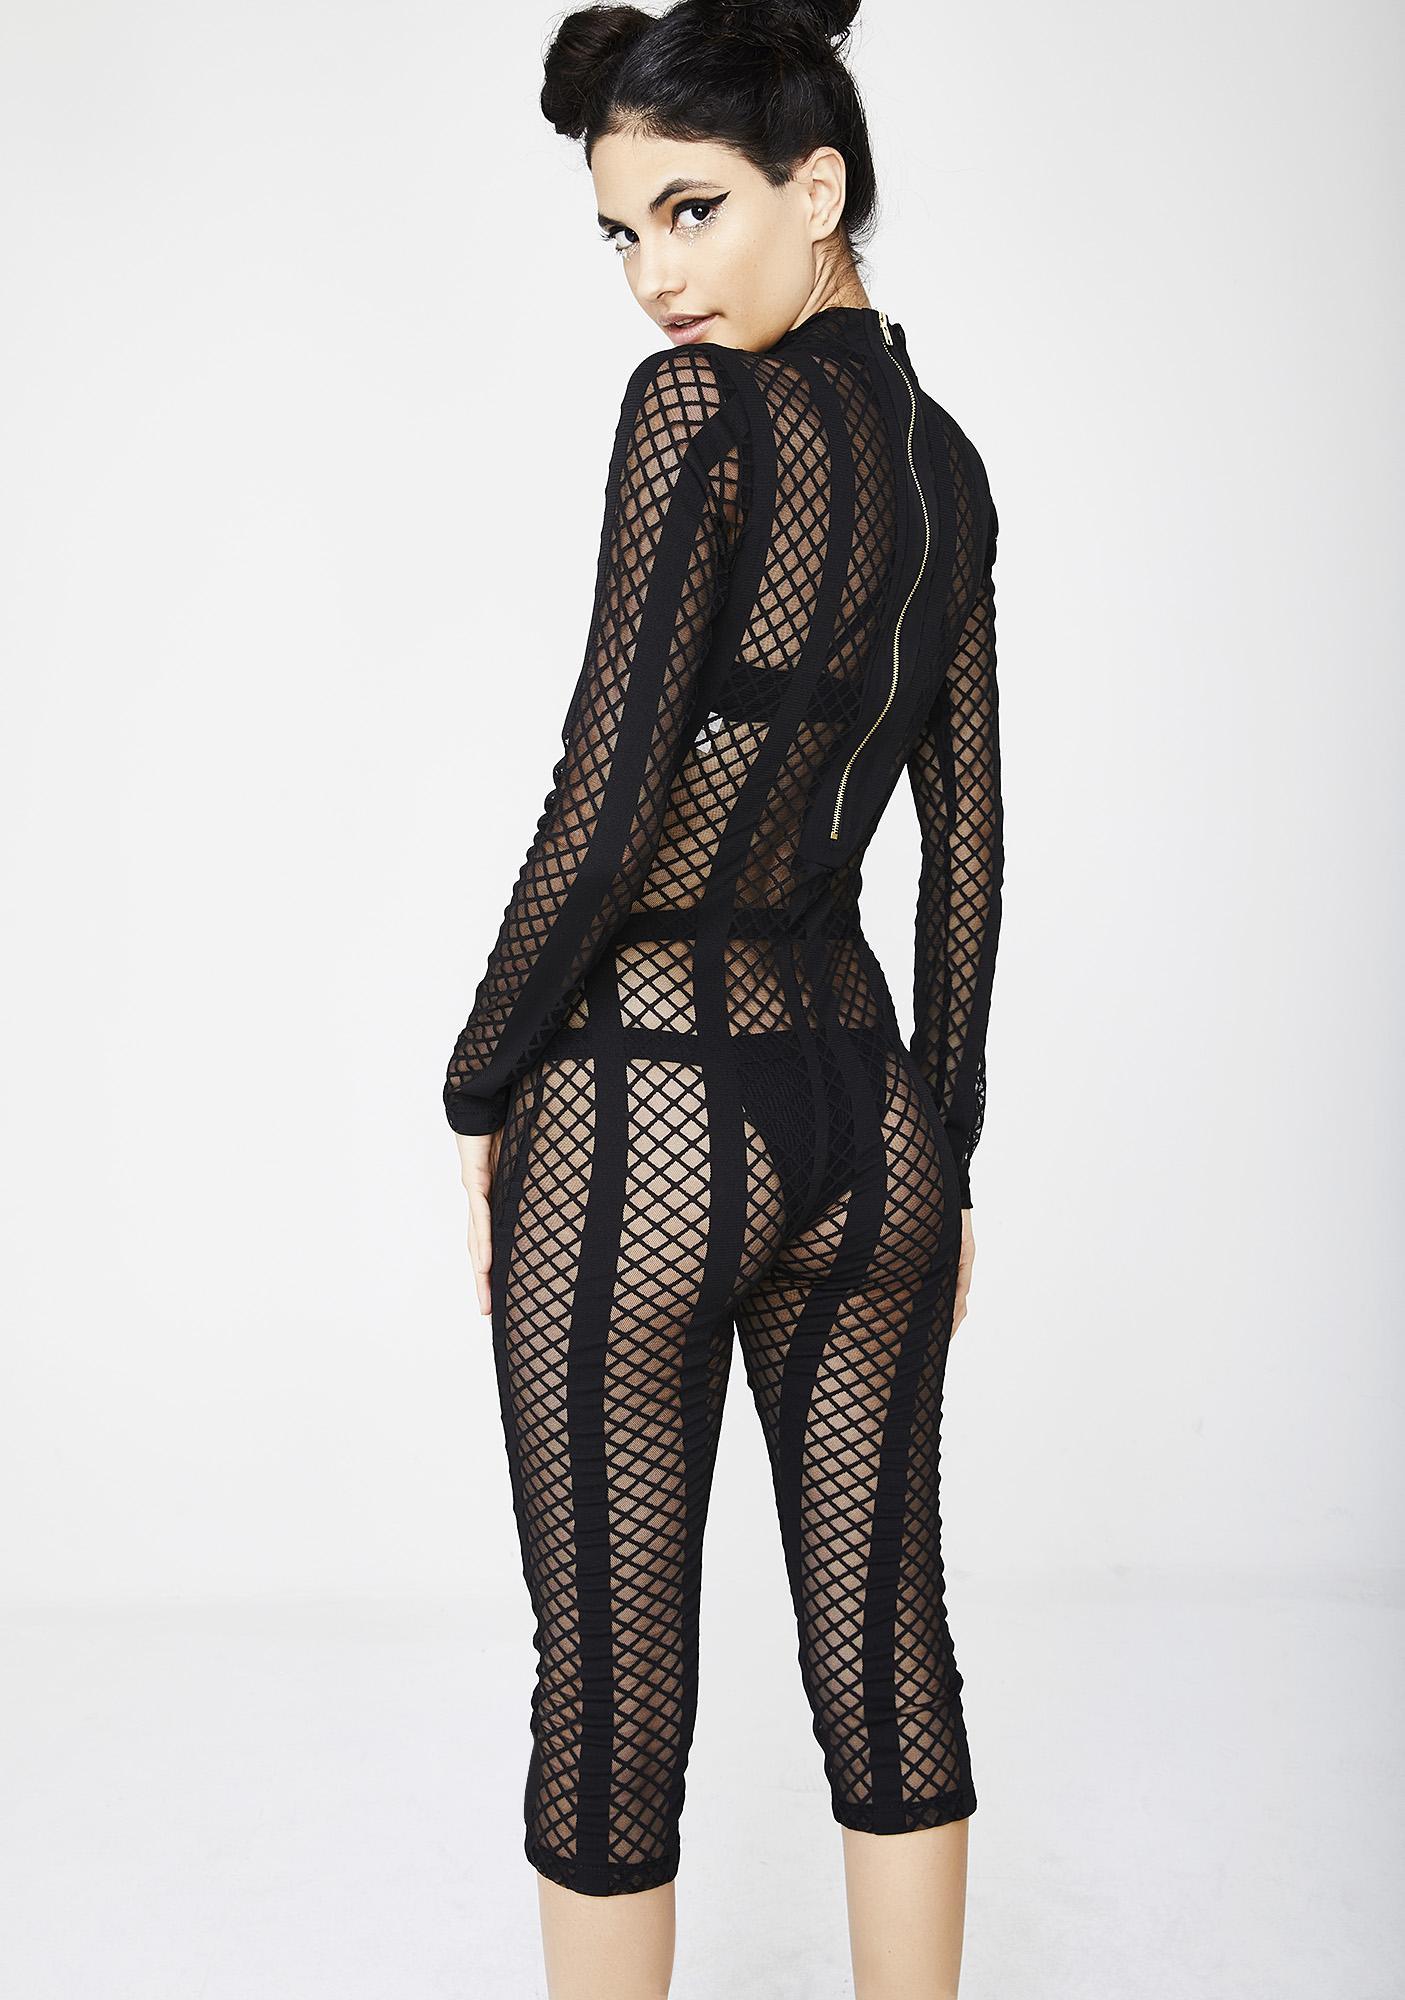 Kink Queen Bodysuit